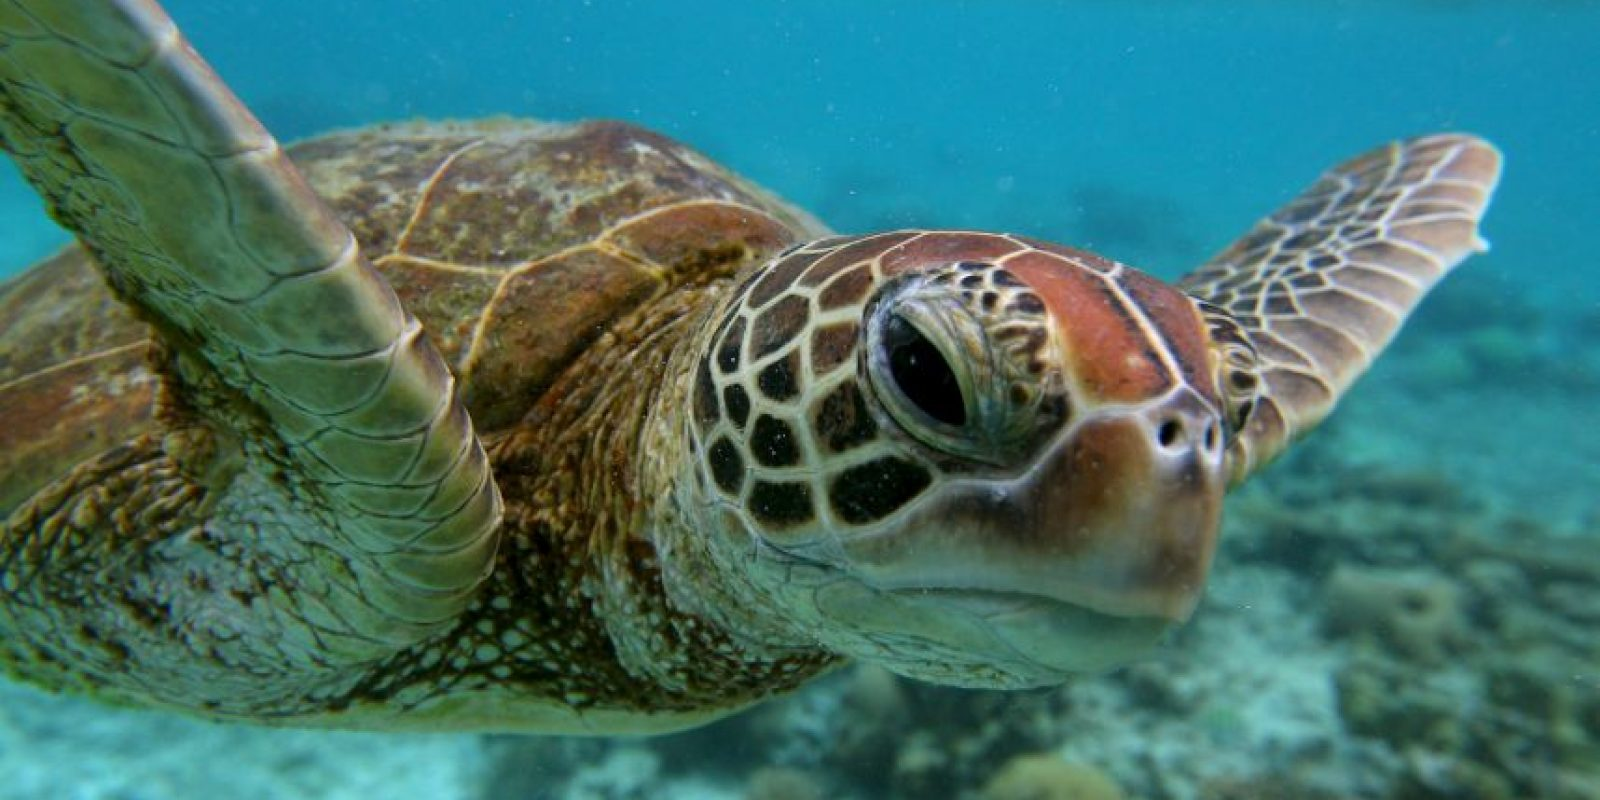 Las tortugas marinas forman parte de los quelonioideos (Clasificación científica: familia Chelonioidea) Foto:Getty Images